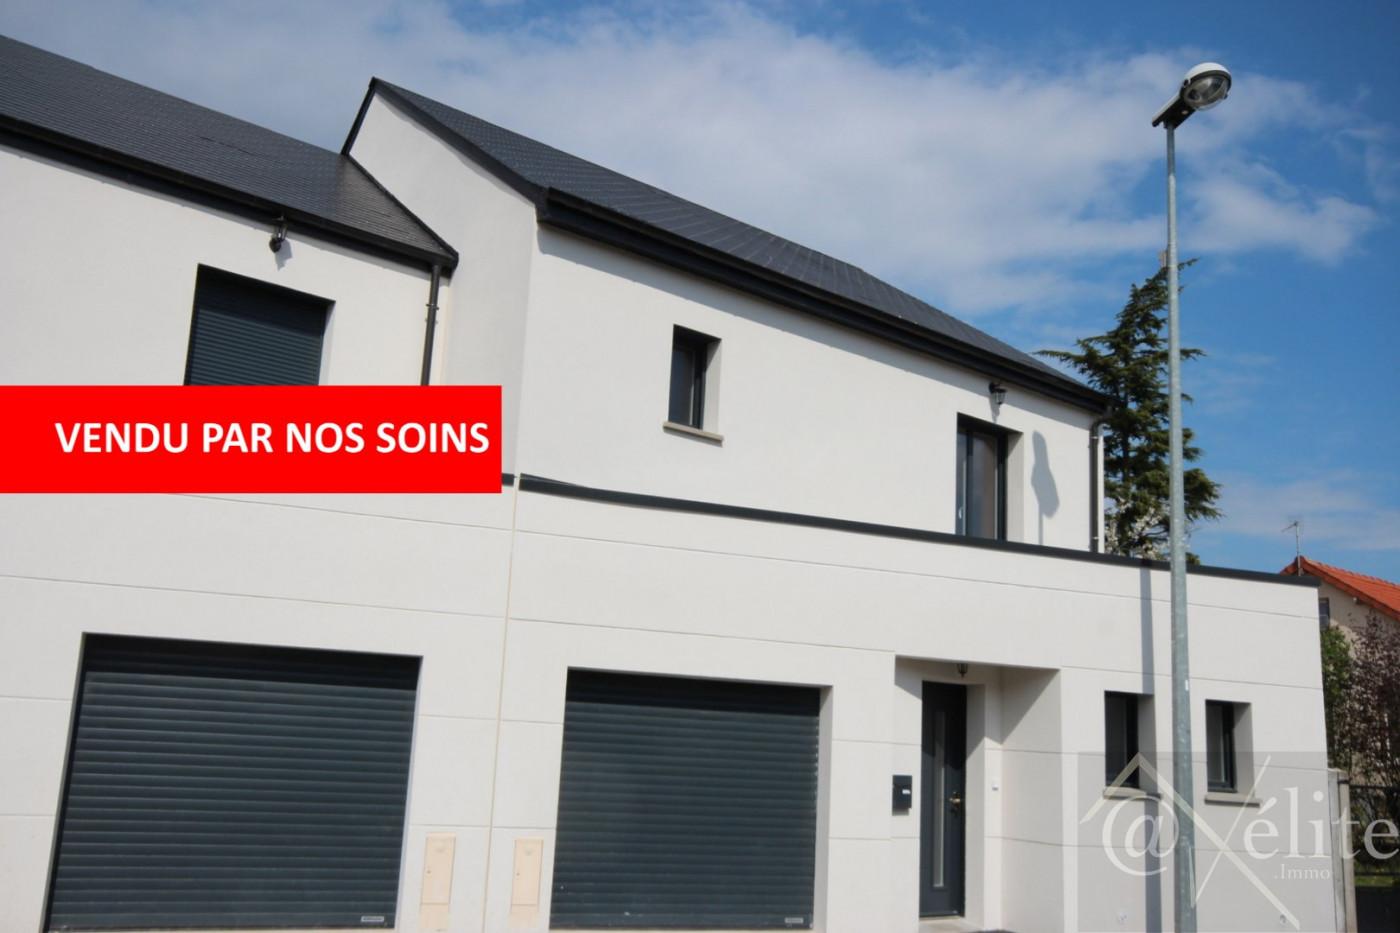 A vendre  Chartres   Réf 77792733 - Axelite sas